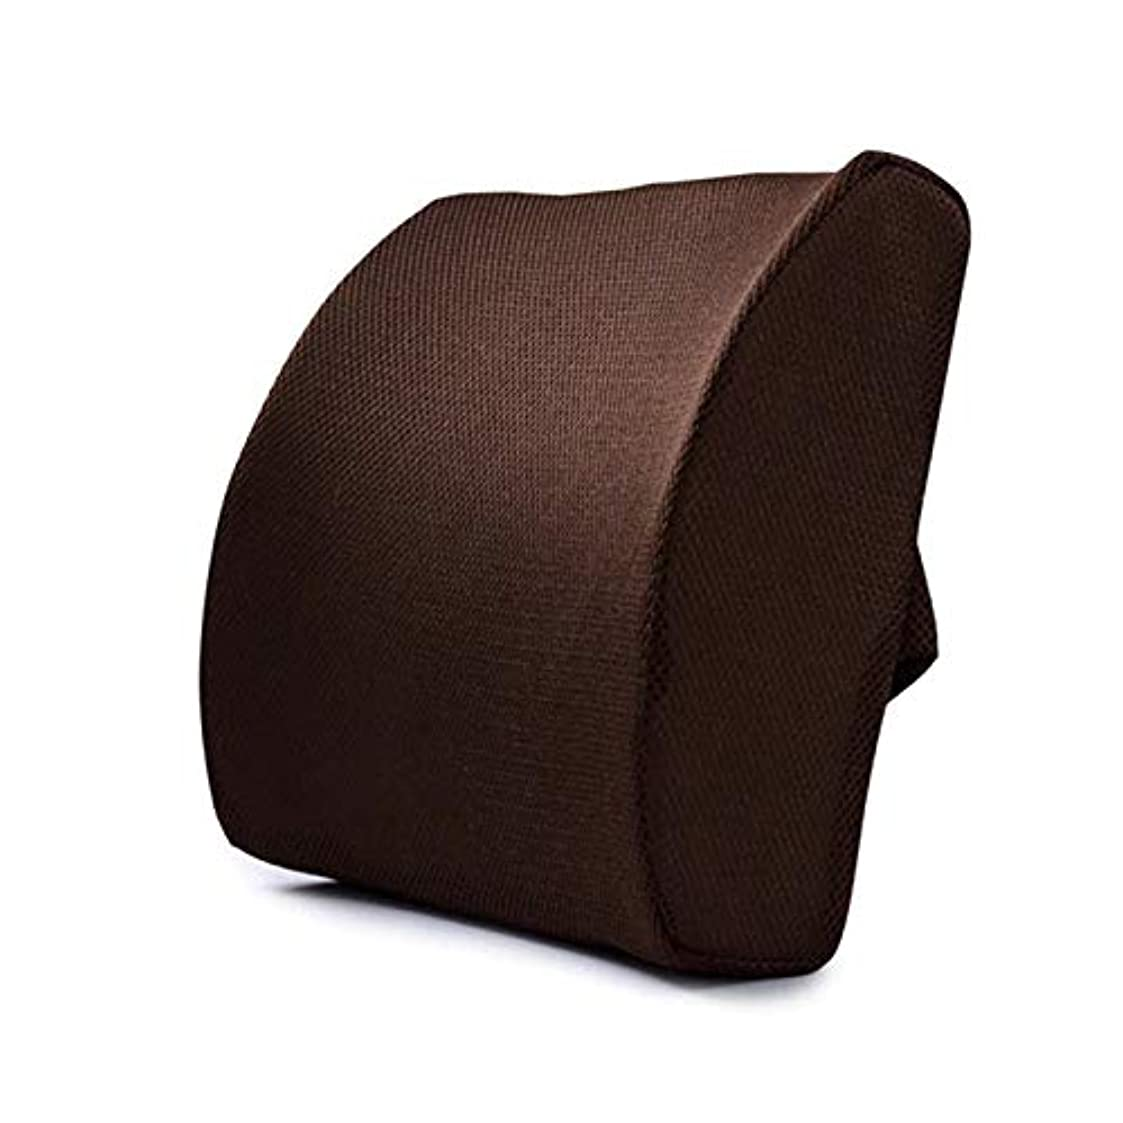 びっくりするビート悪性腫瘍LIFE ホームオフィス背もたれ椅子腰椎クッションカーシートネック枕 3D 低反発サポートバックマッサージウエストレスリビング枕 クッション 椅子